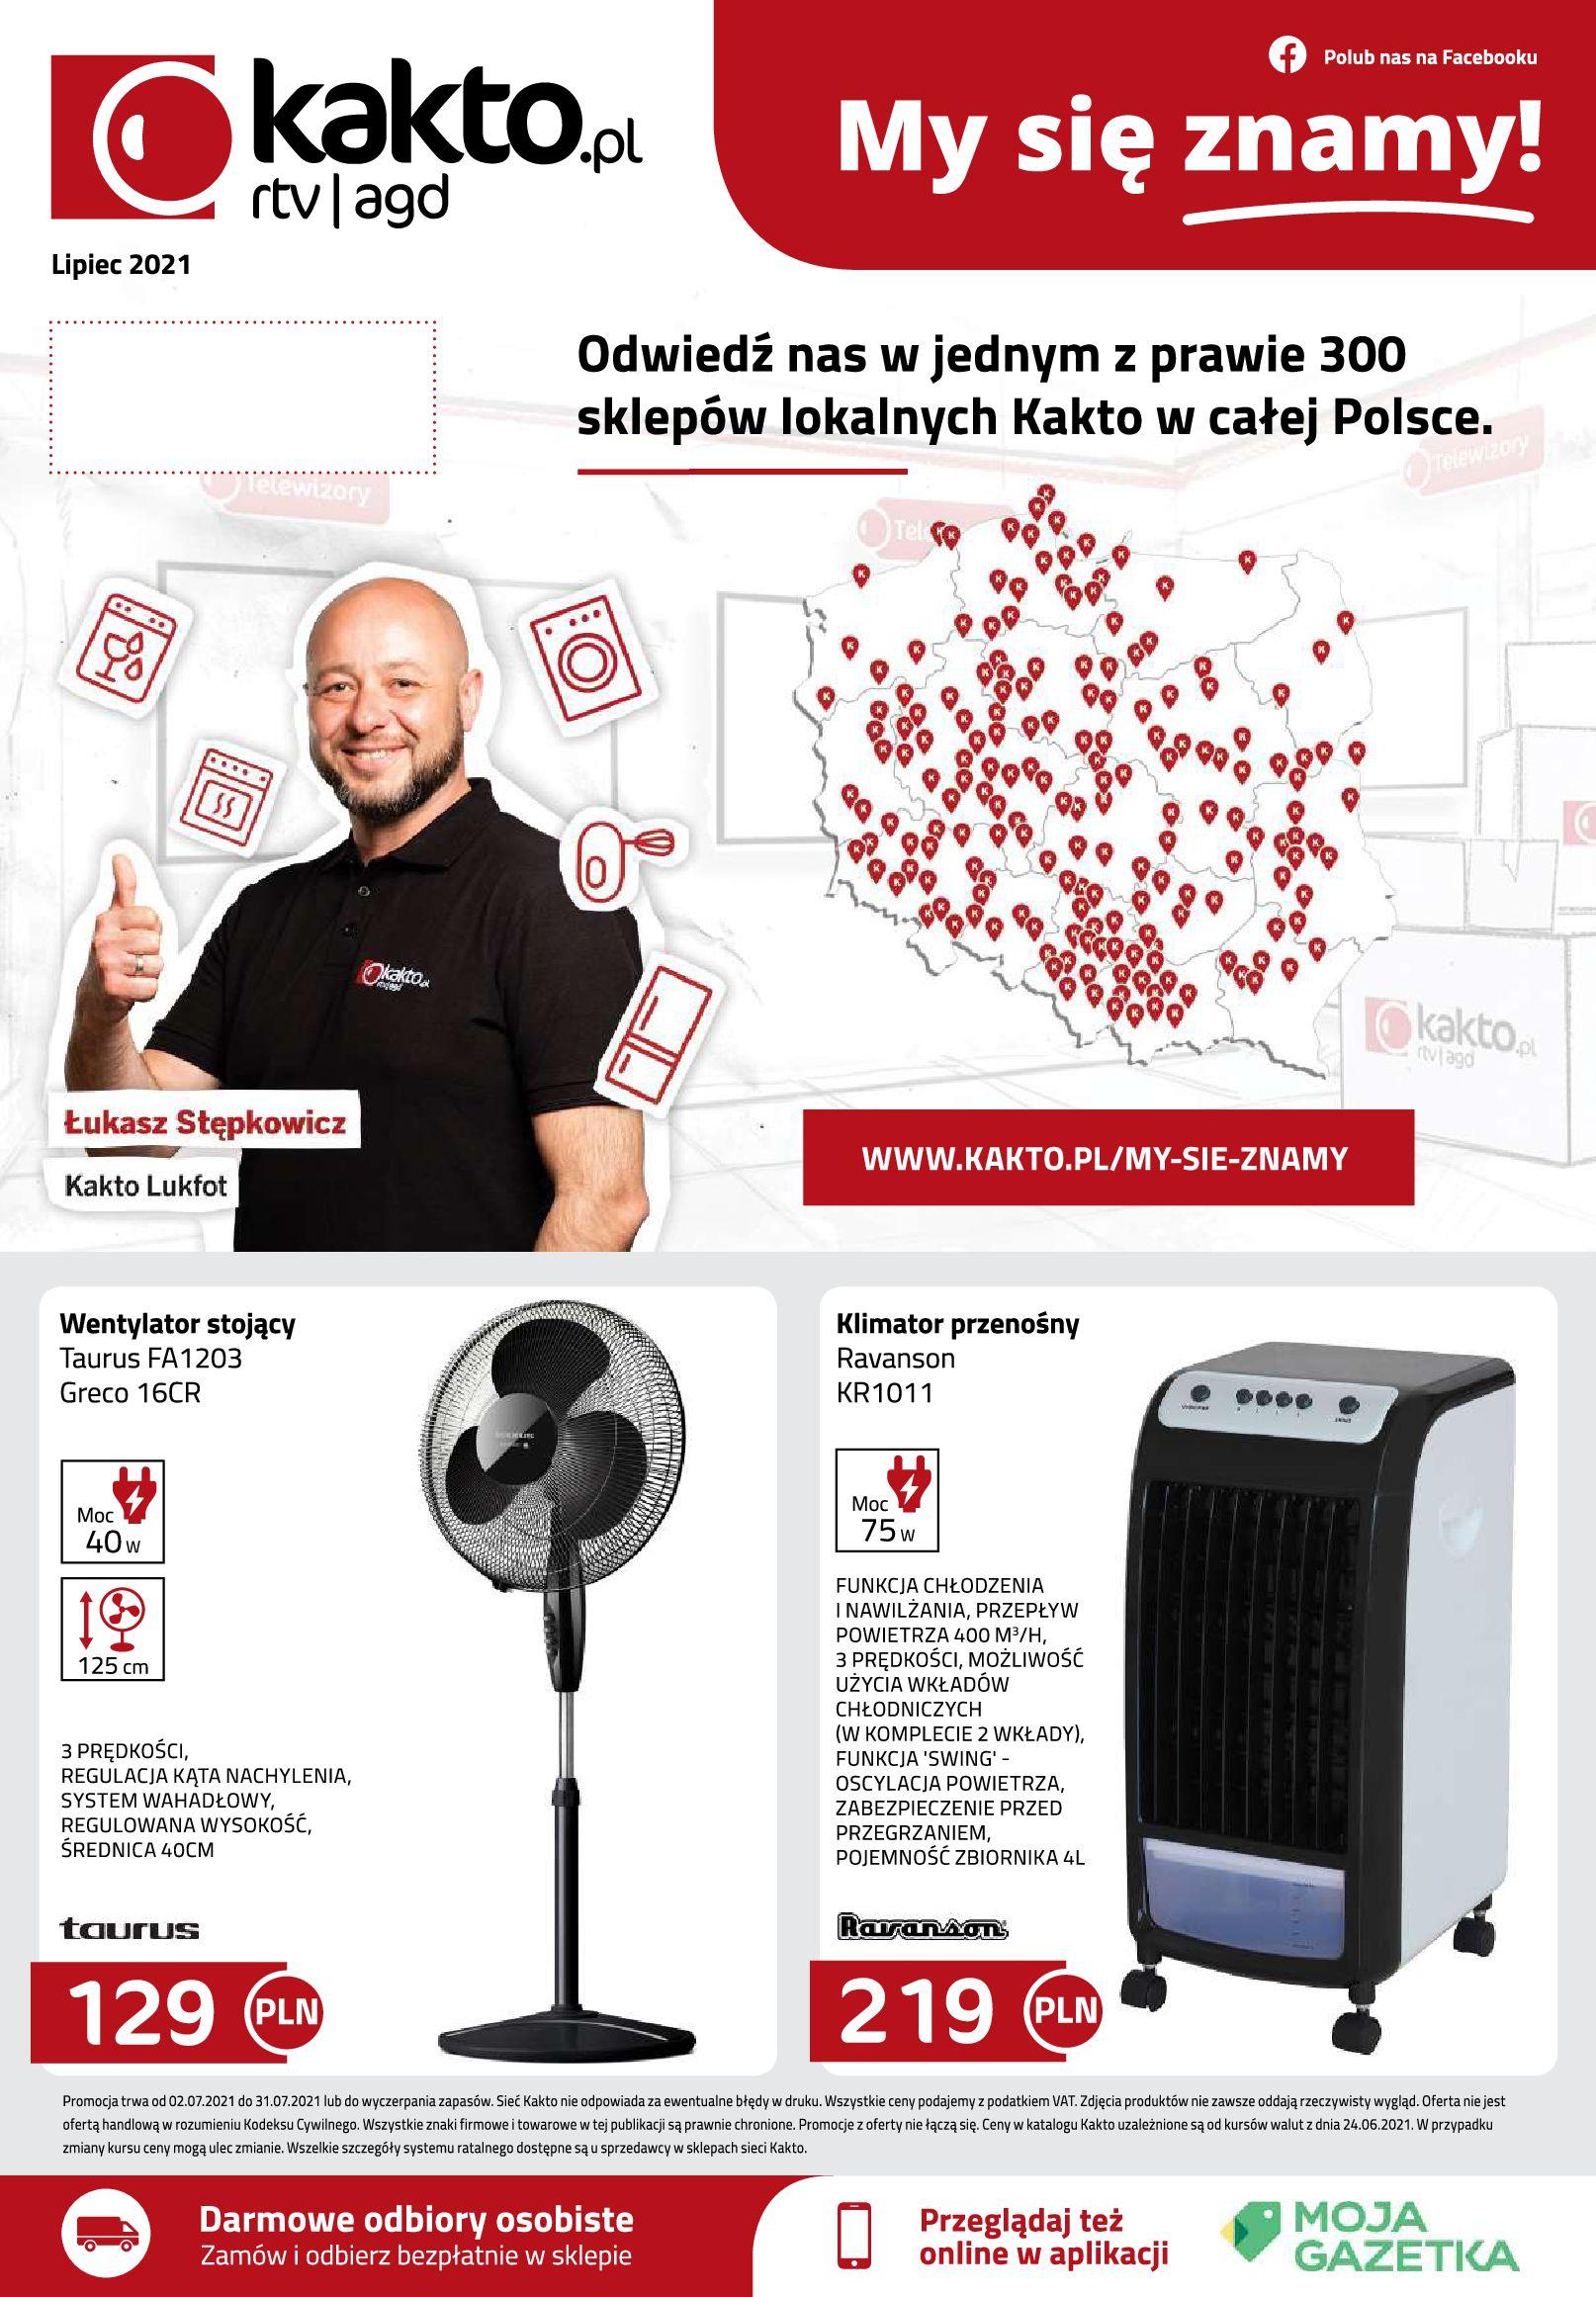 Gazetka kakto.pl: Gazetka Kakto.pl 2021-07-02 page-8